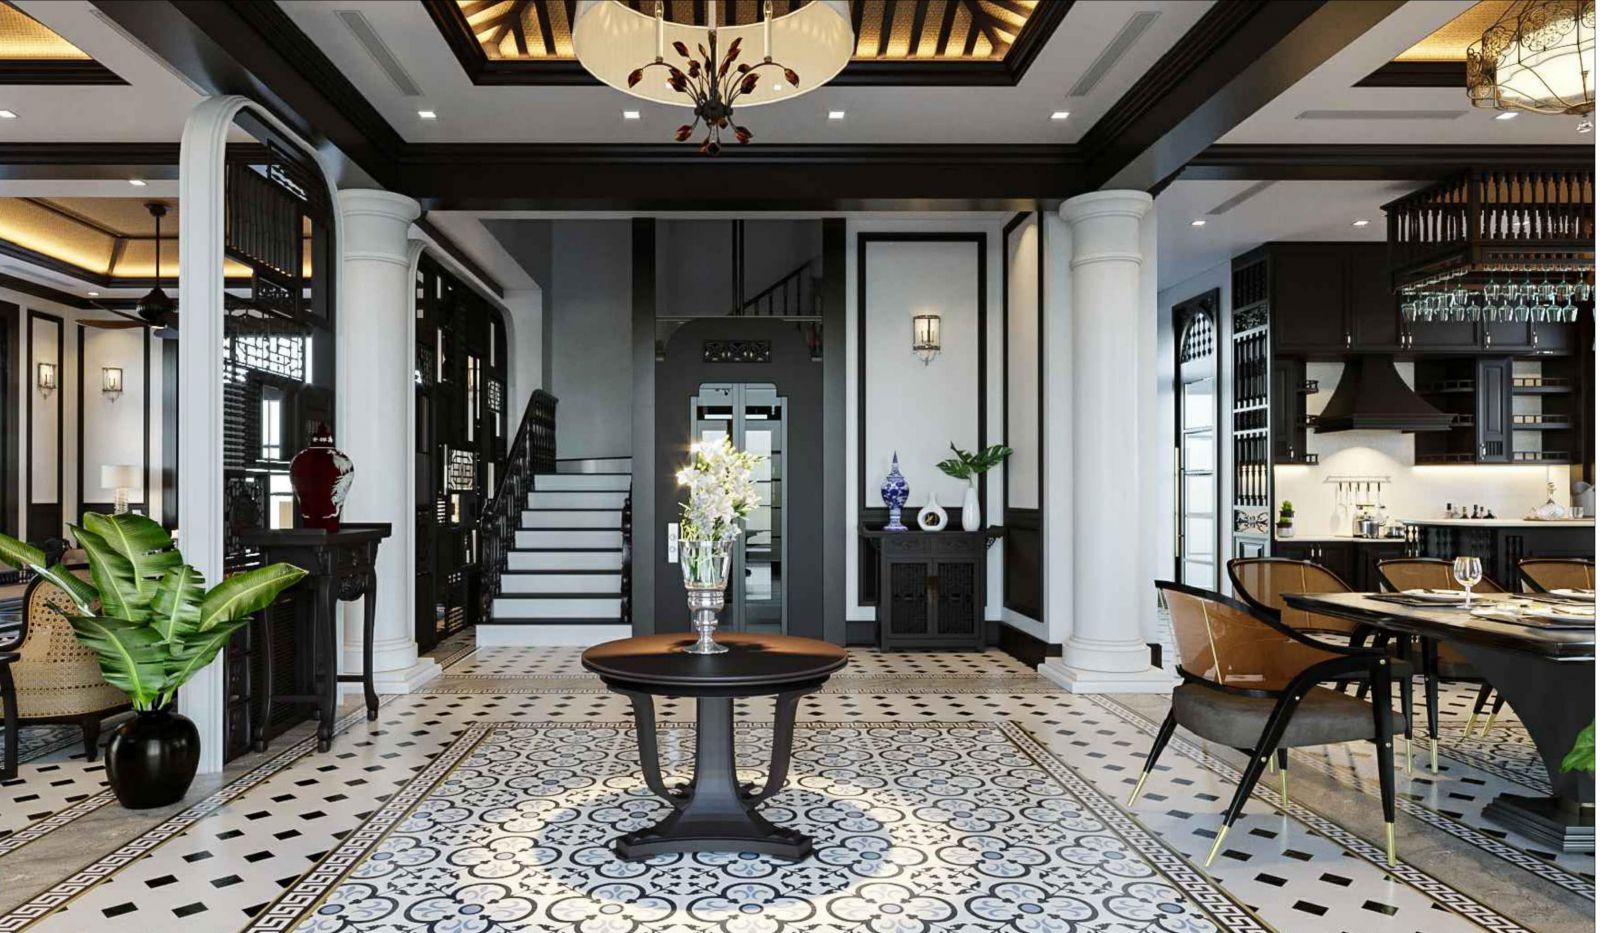 Các lưu ý khi thiết kế nội thất phong cách Đông Dương